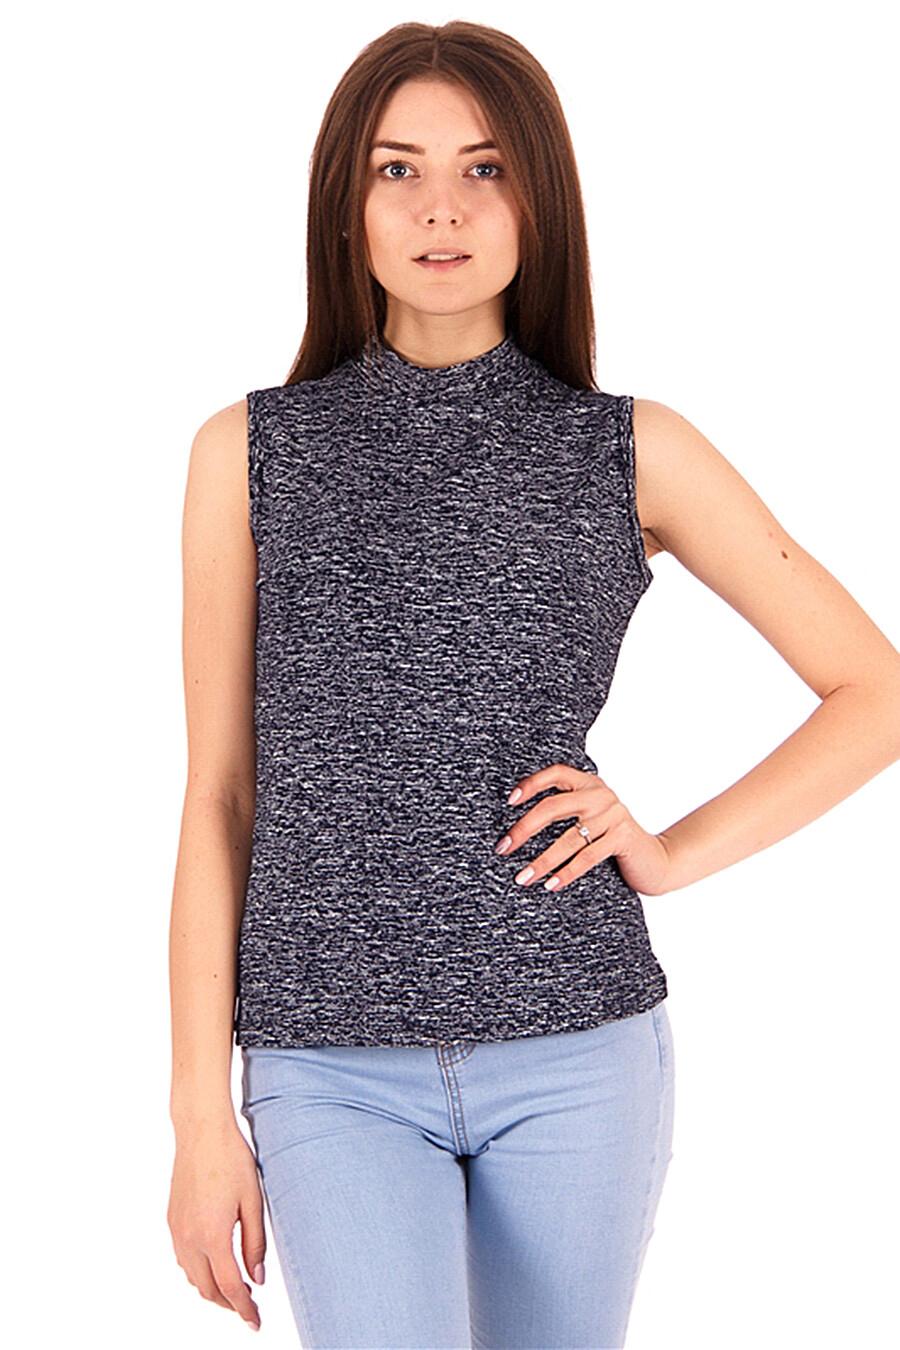 Джемпер для женщин Archi 130593 купить оптом от производителя. Совместная покупка женской одежды в OptMoyo